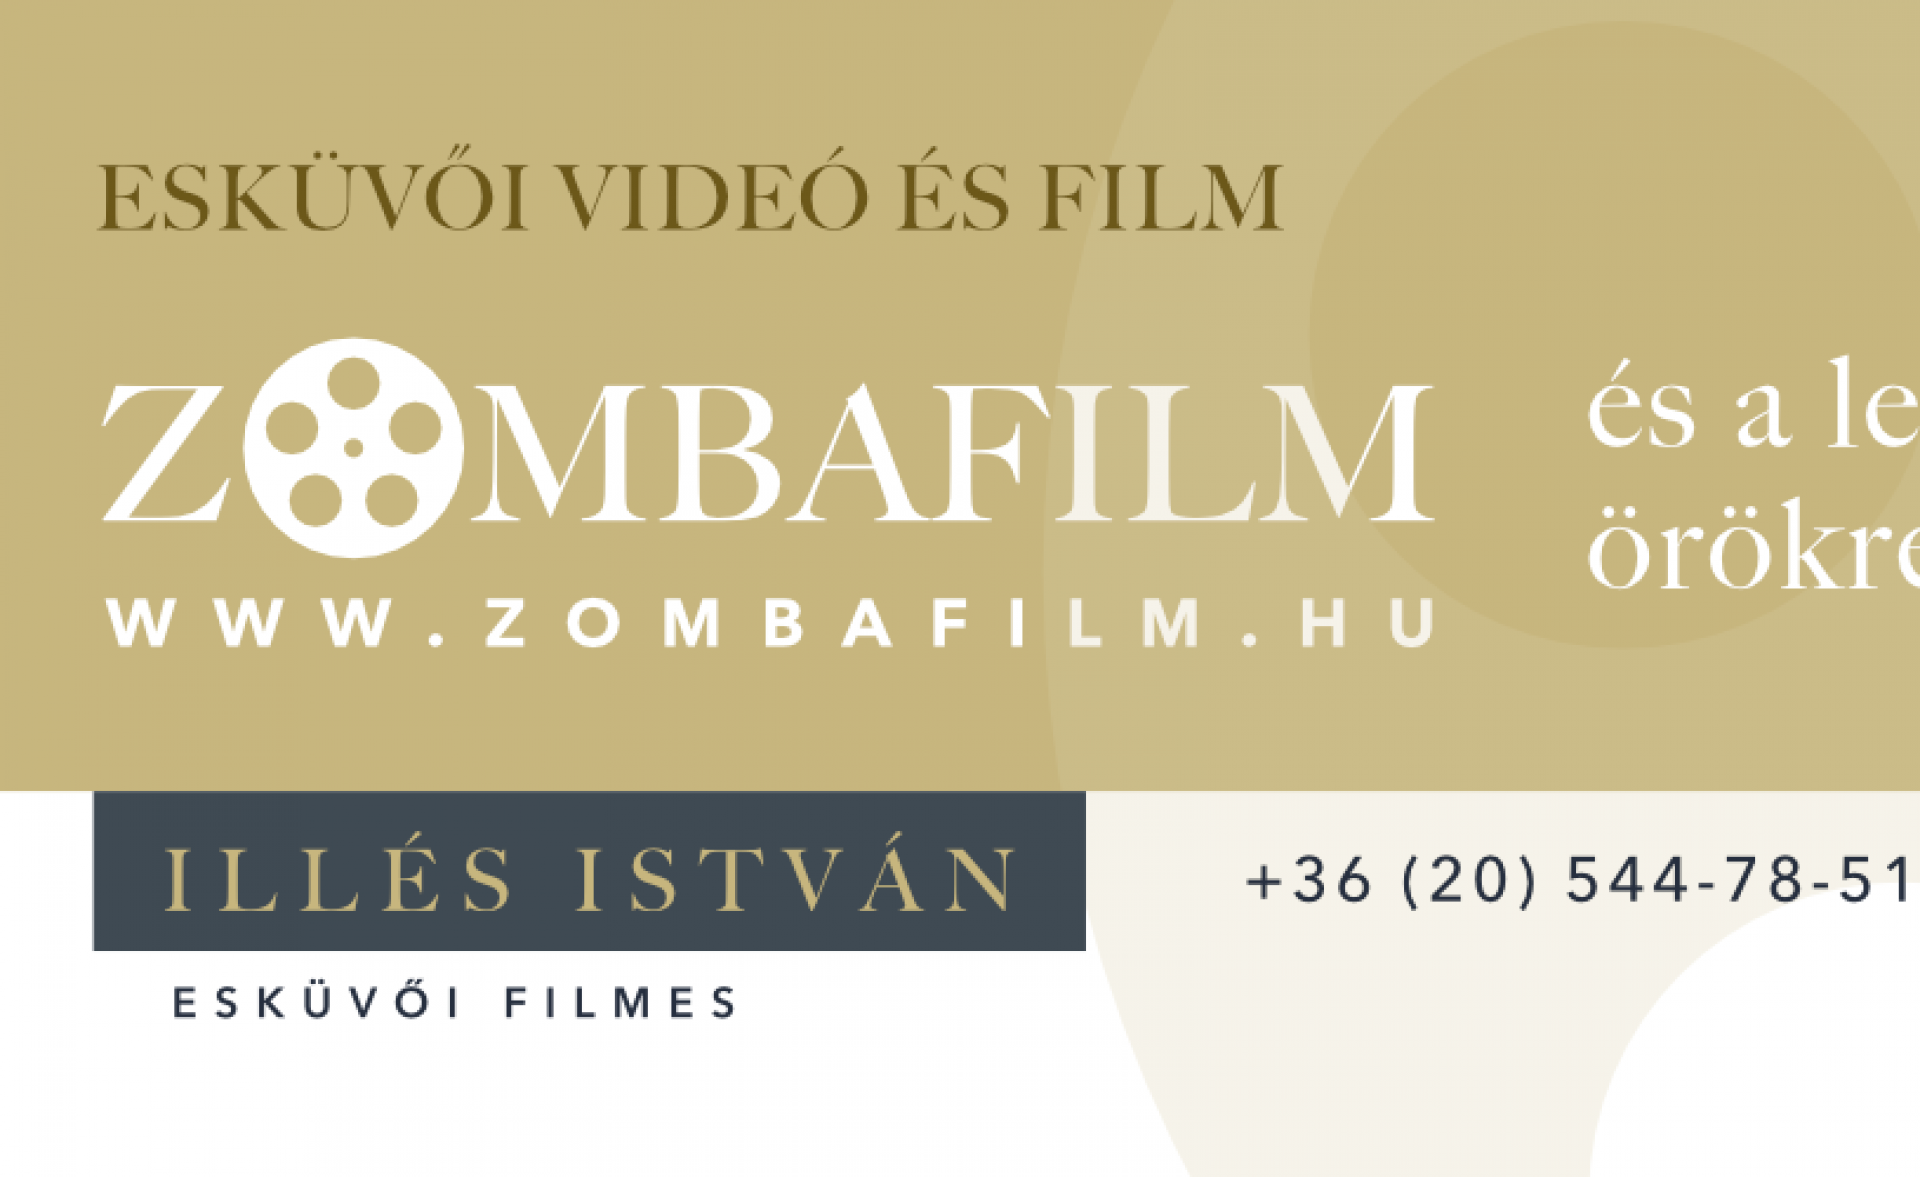 Zombafilm